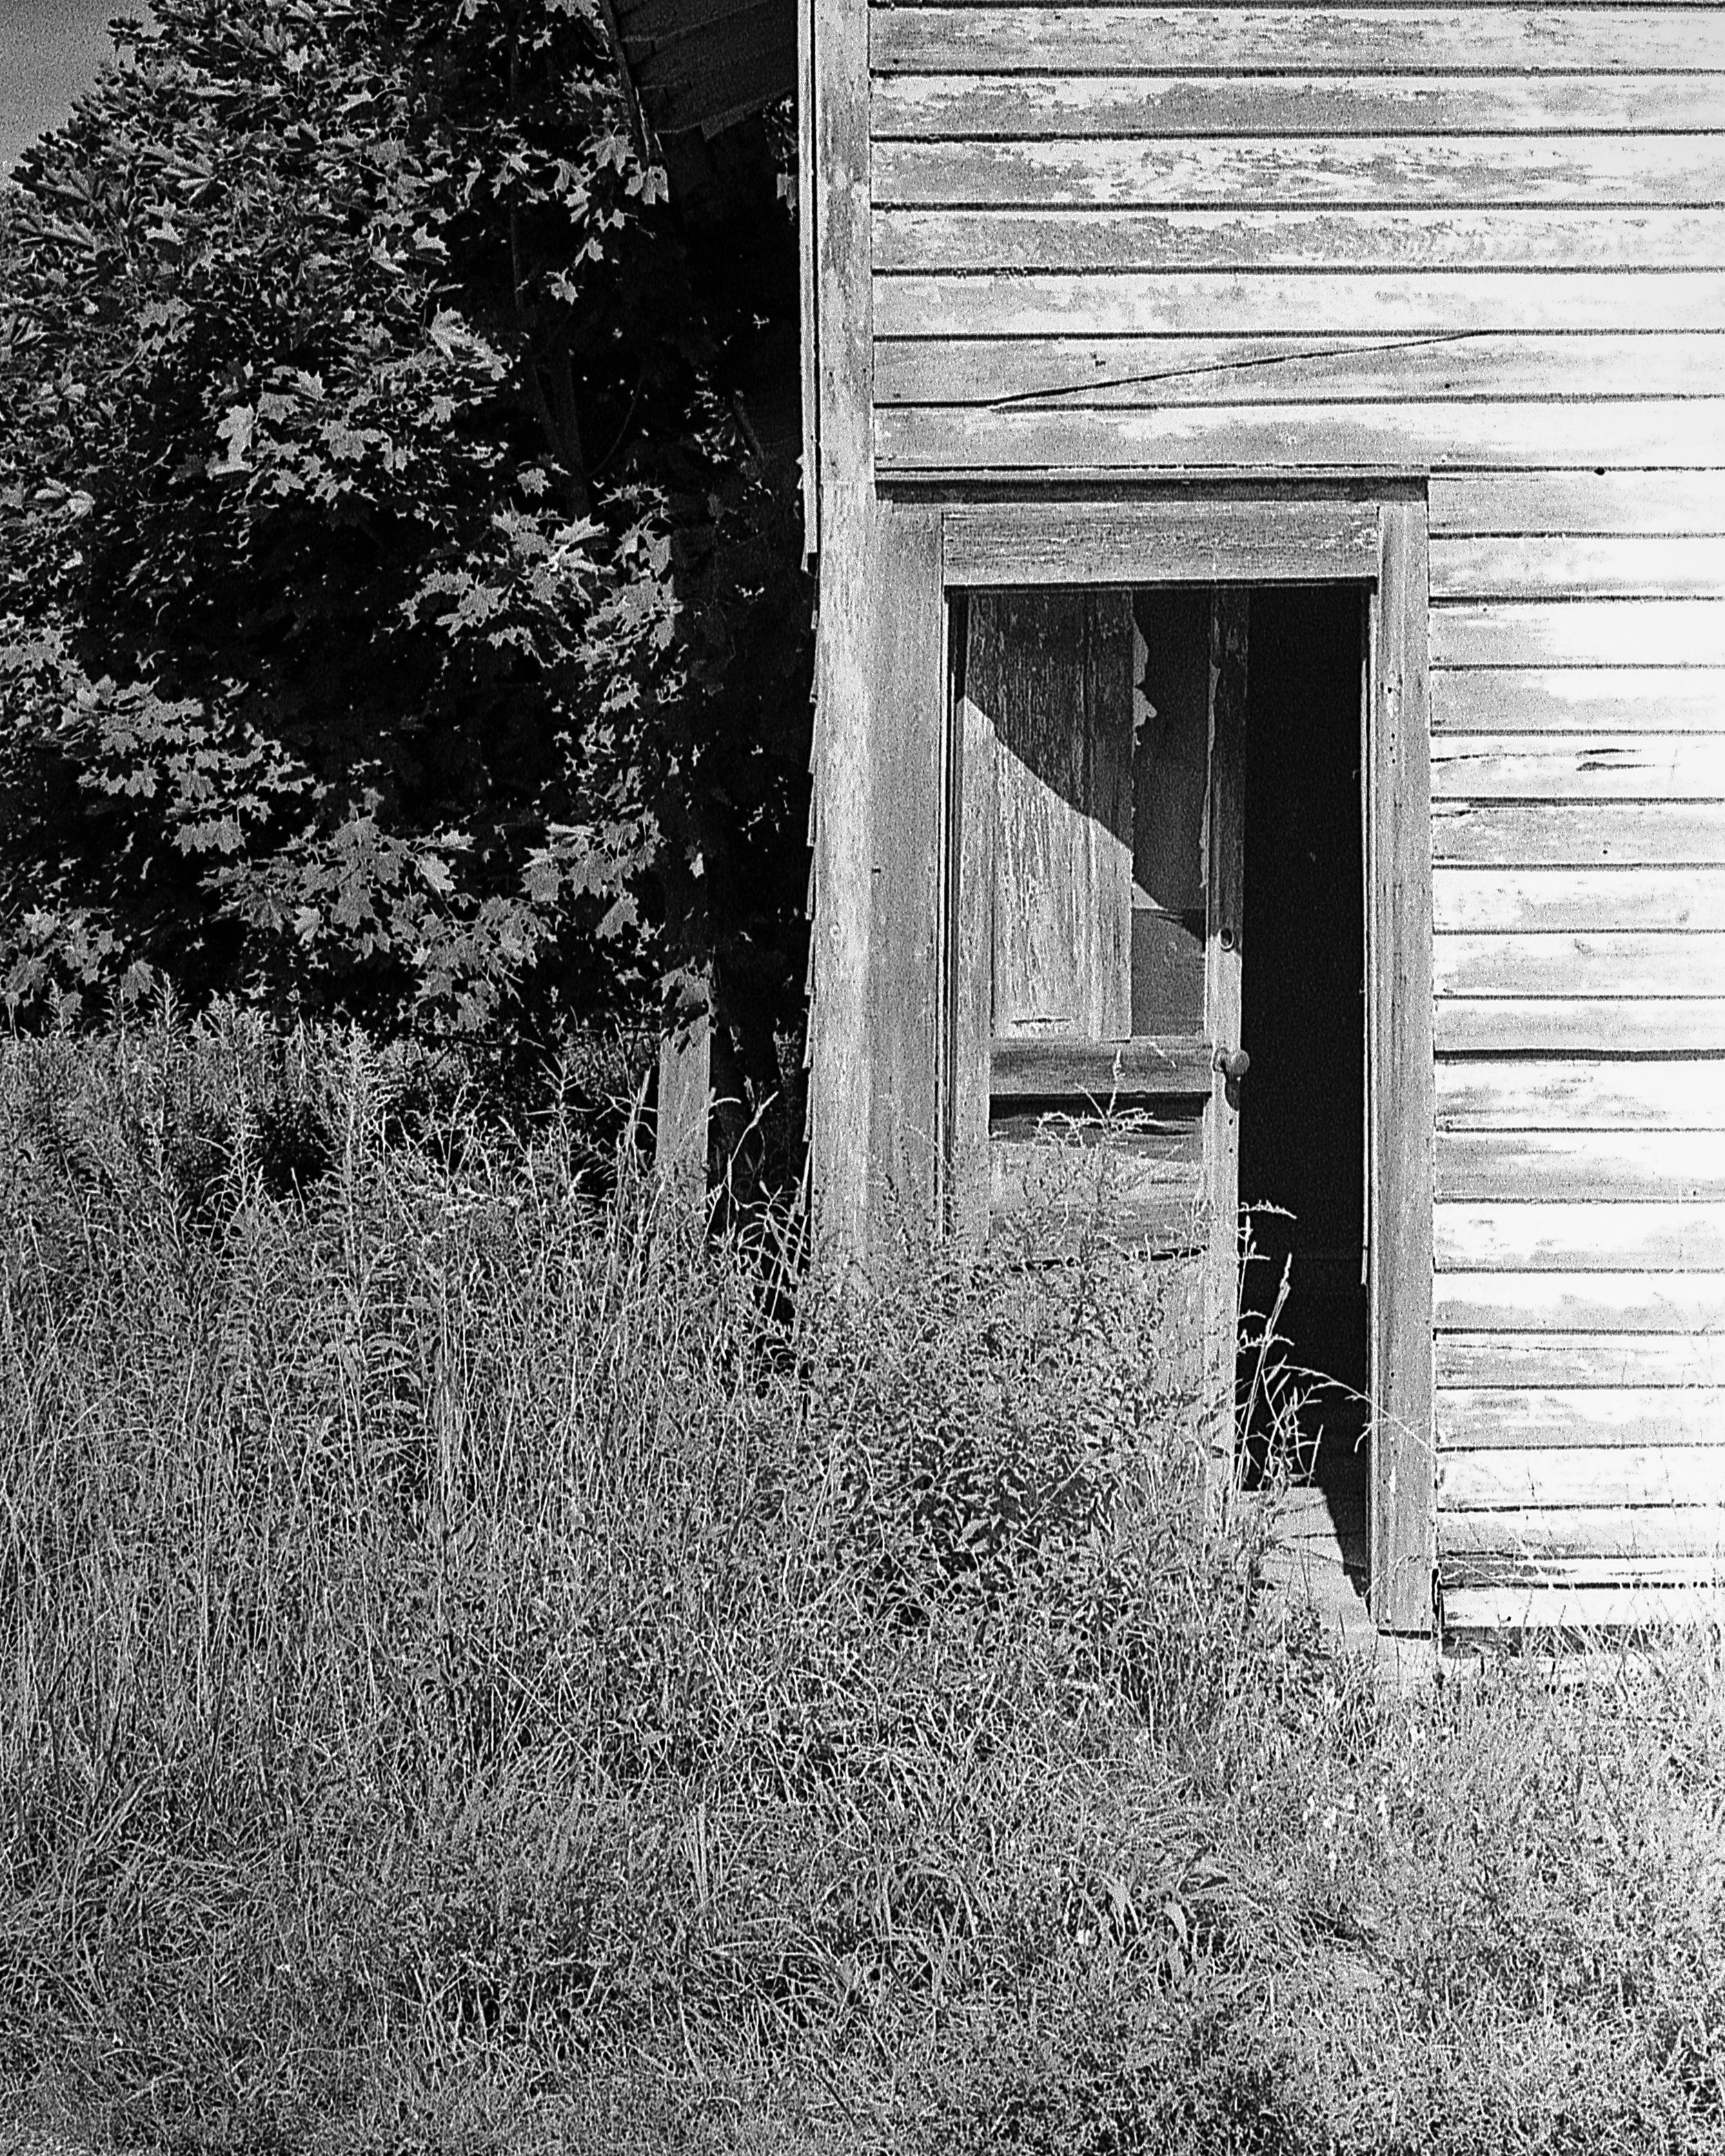 2013-08-25_Hayfield_Farm_35pxspf_020.jpg